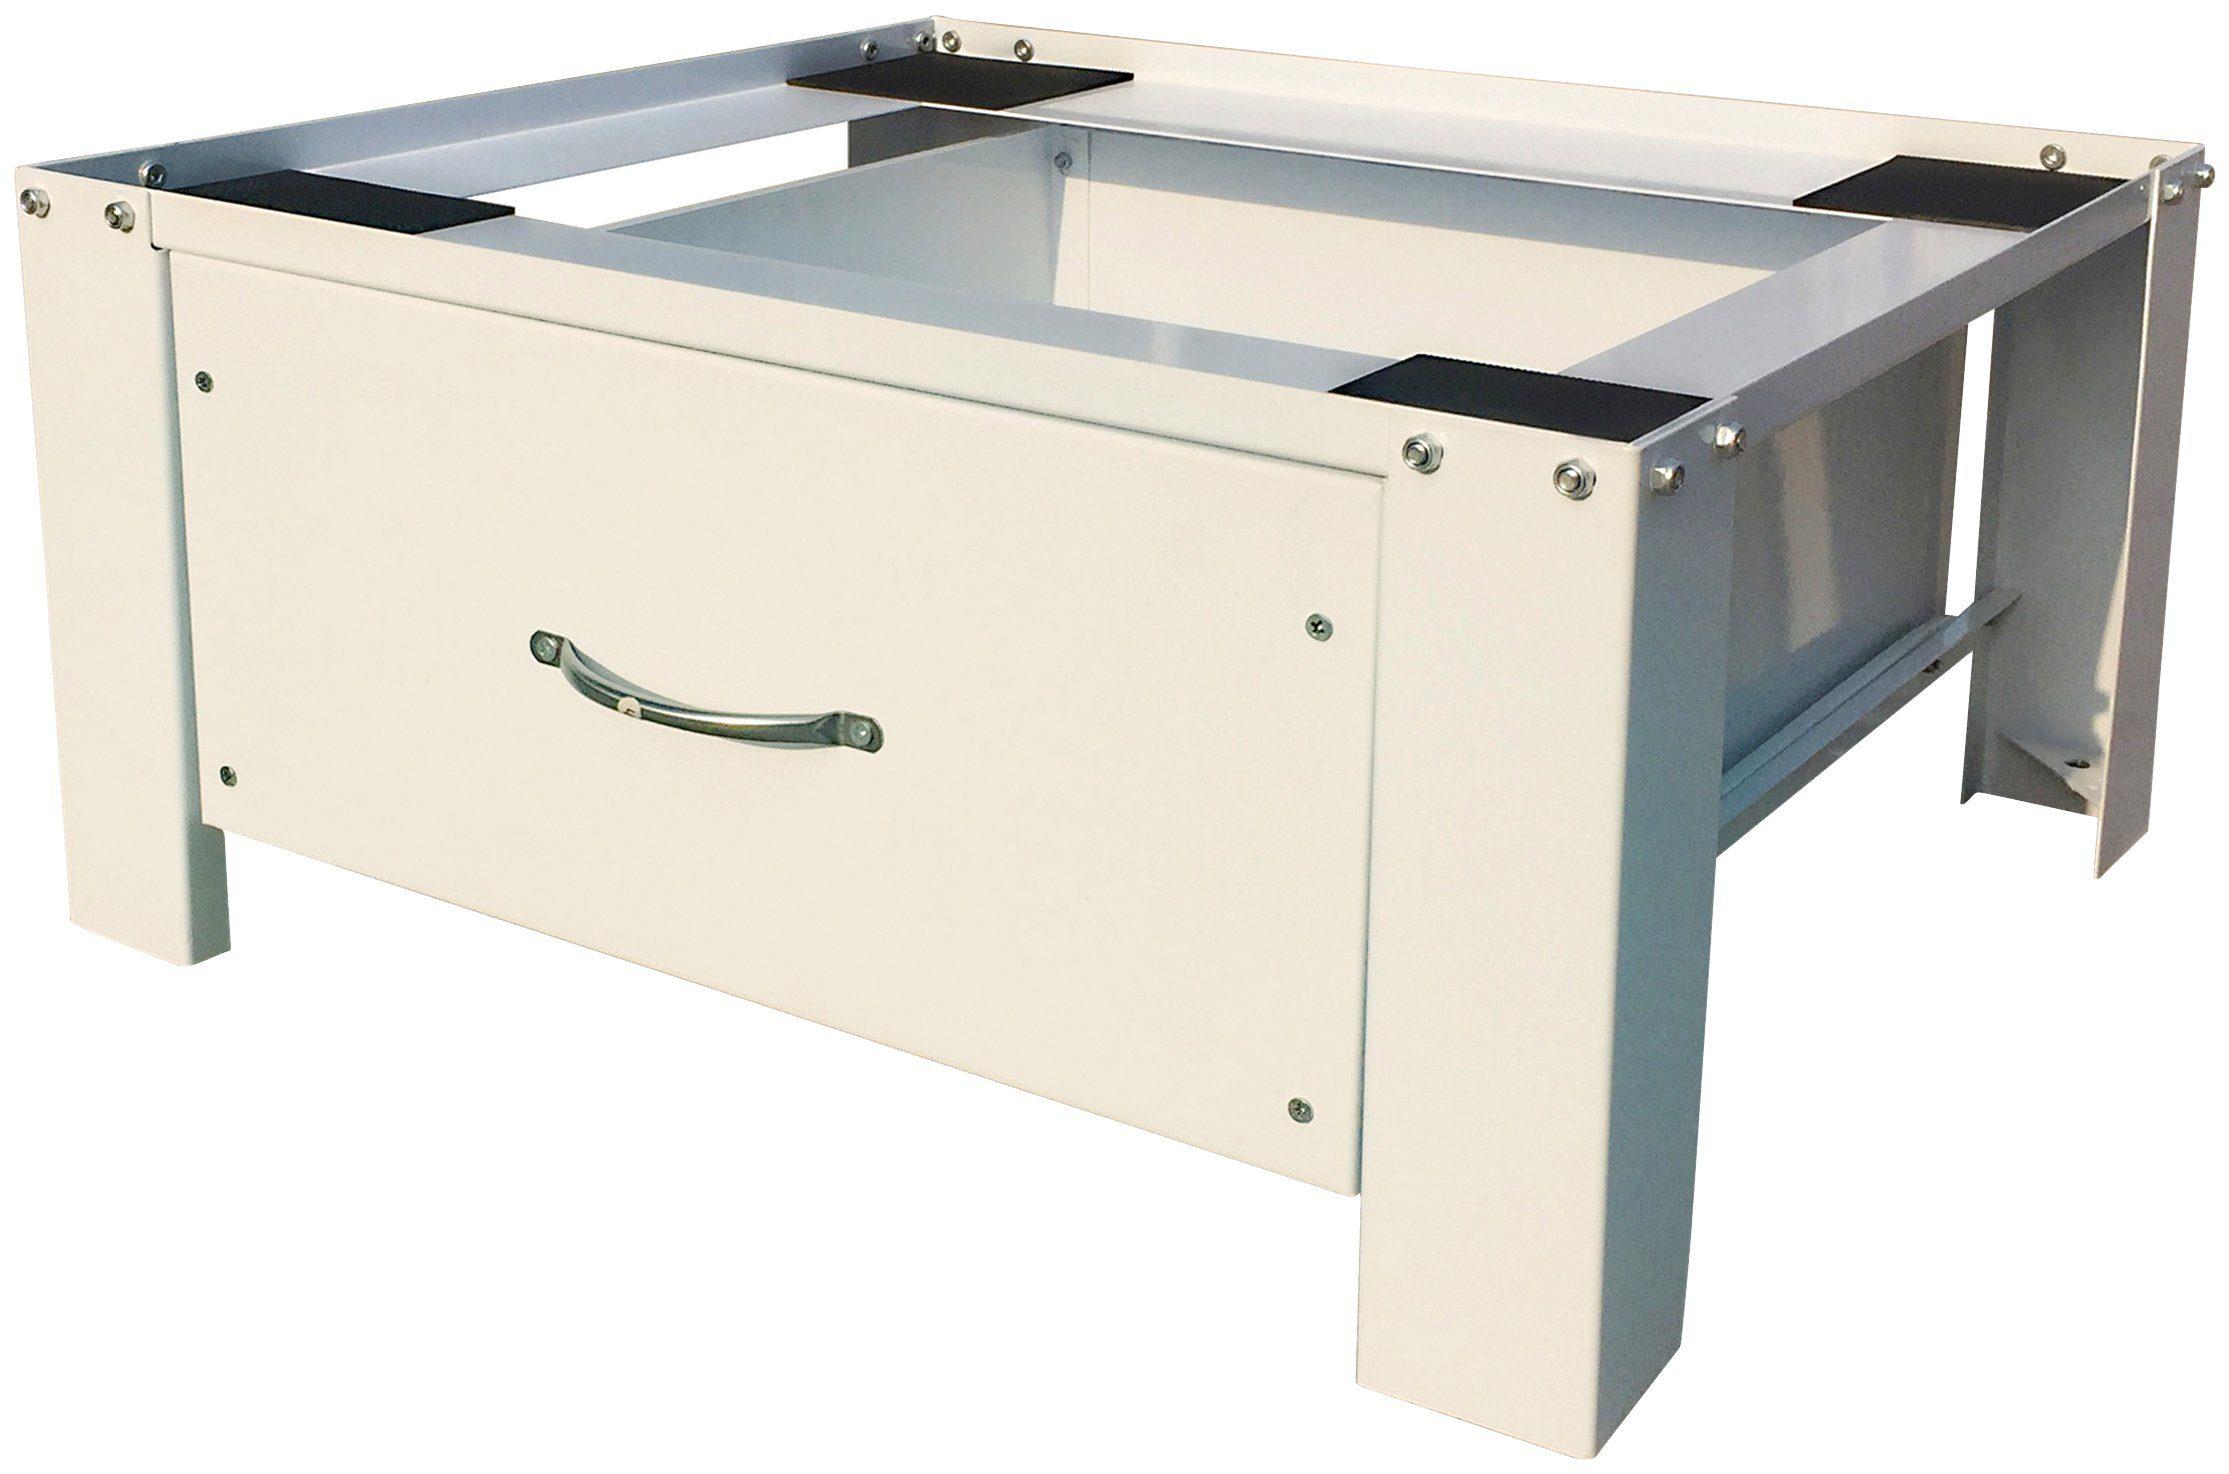 Kühlschrank Untergestell : Respekta untergestell waschmaschinen untergestell« mit schublade